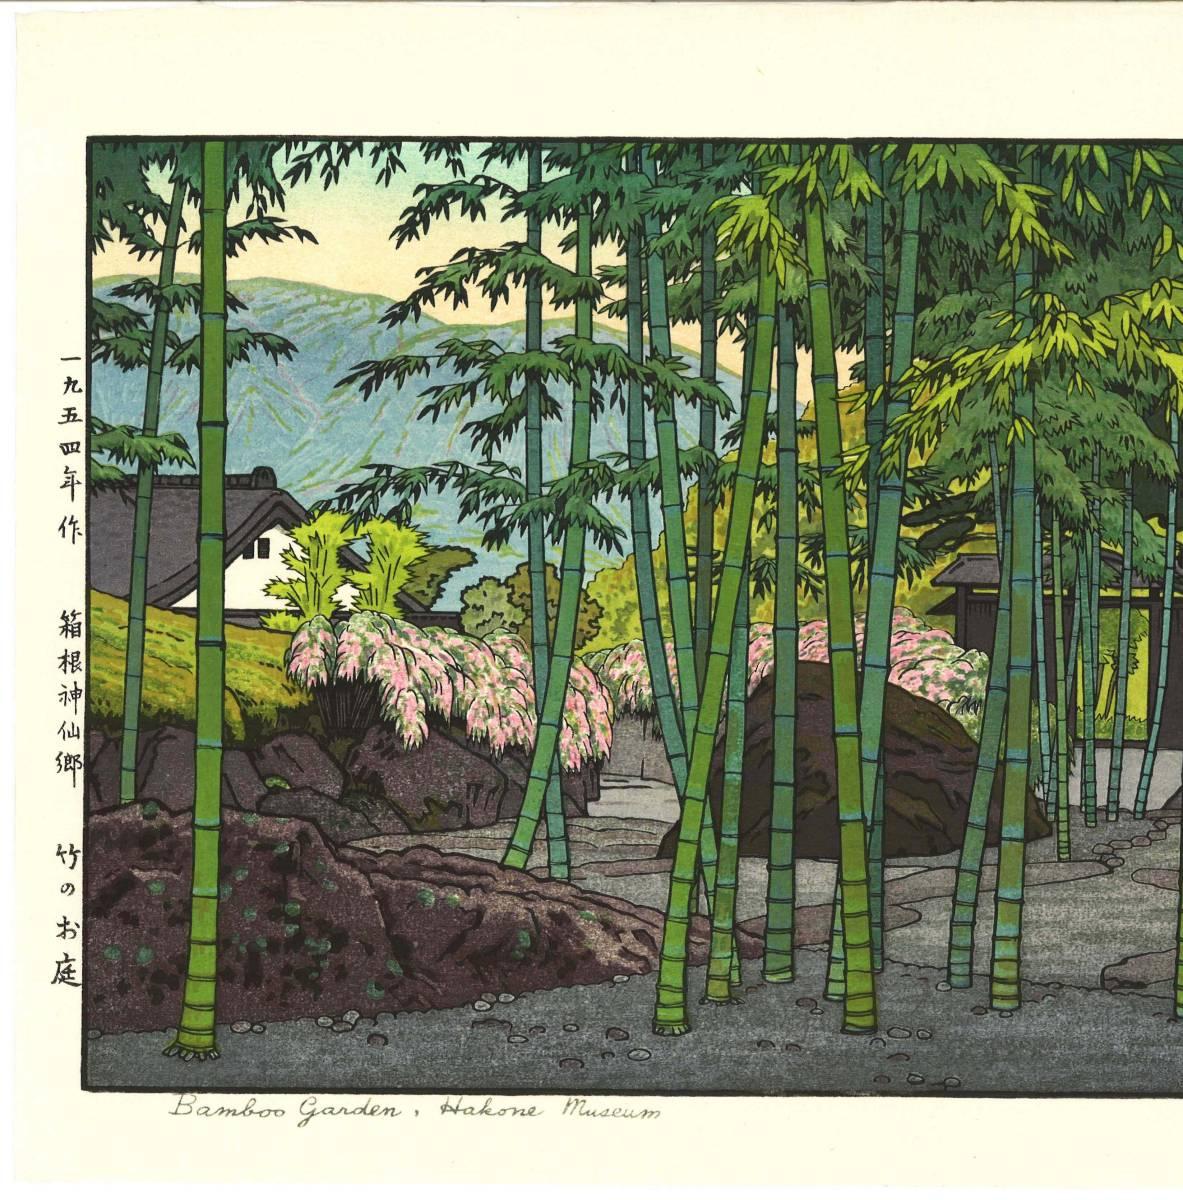 吉田遠志 木版画 015402 箱根神仙郷 竹のお庭 (Bamboo Garden,Hakone Museum) 初摺1954年  最高峰の摺師の技をご堪能下さい!!_画像3